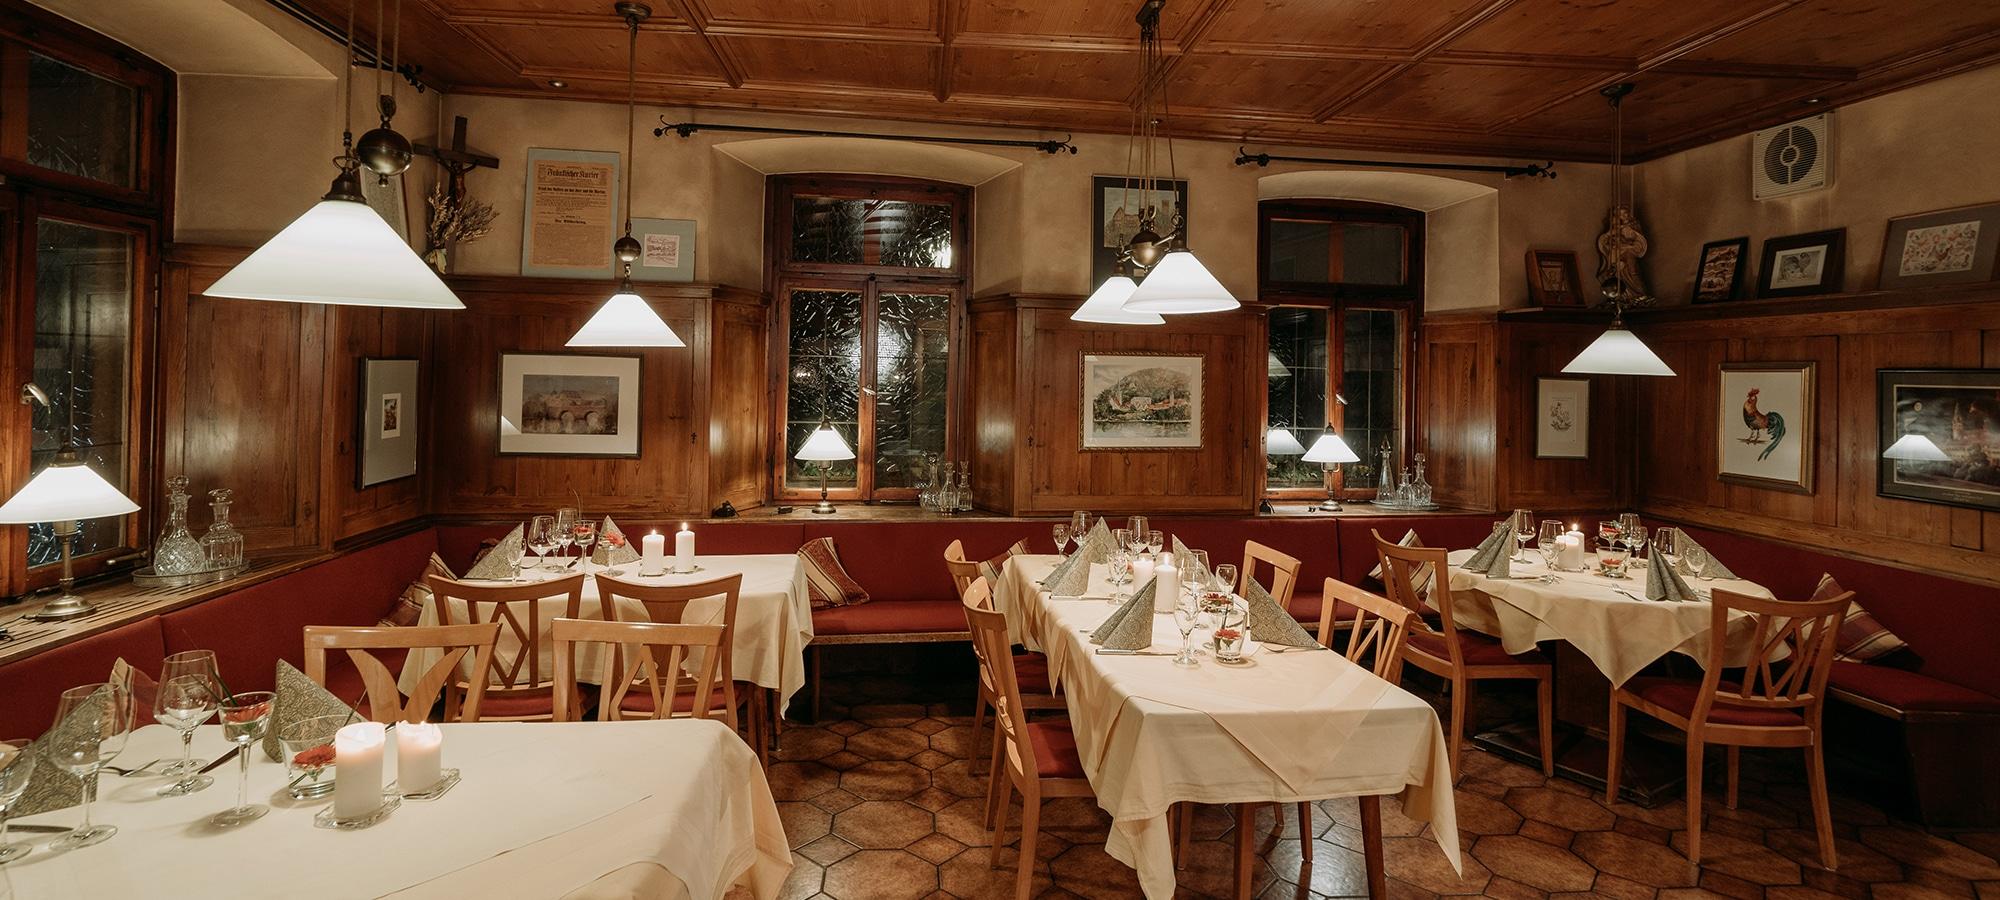 In unsere Gaststube im fränkischen Wirtshaus mit Holzvertäfelung bei Frankenwein und Augustiner Bier. Auch gleichzeitig unser Frühstücksraum.